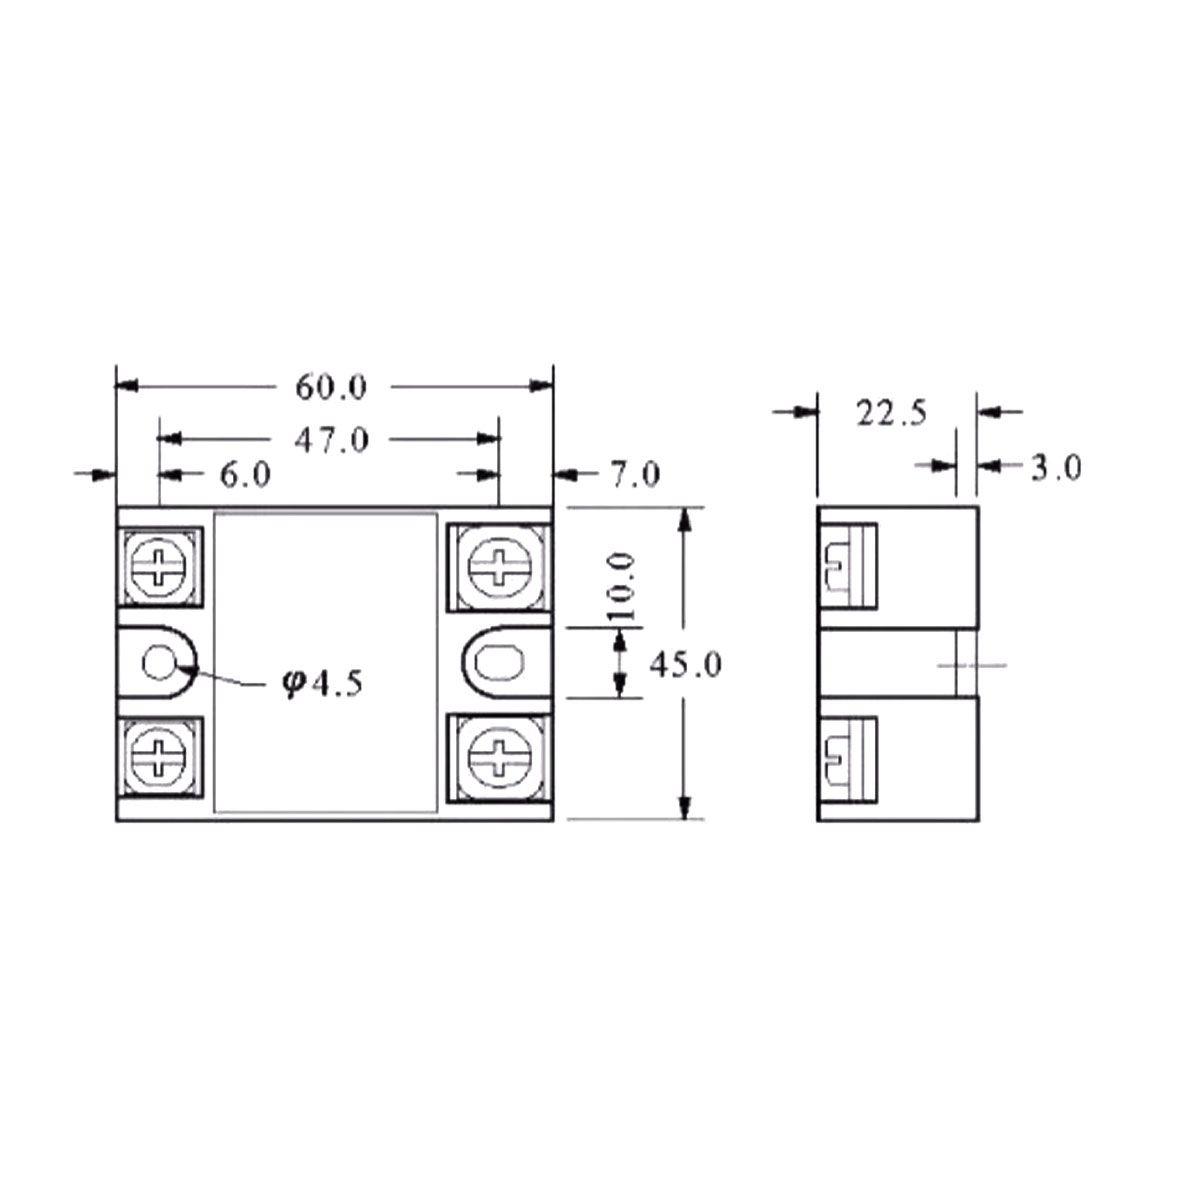 Relé de Estado Sólido SSR 3-32VDC 40A